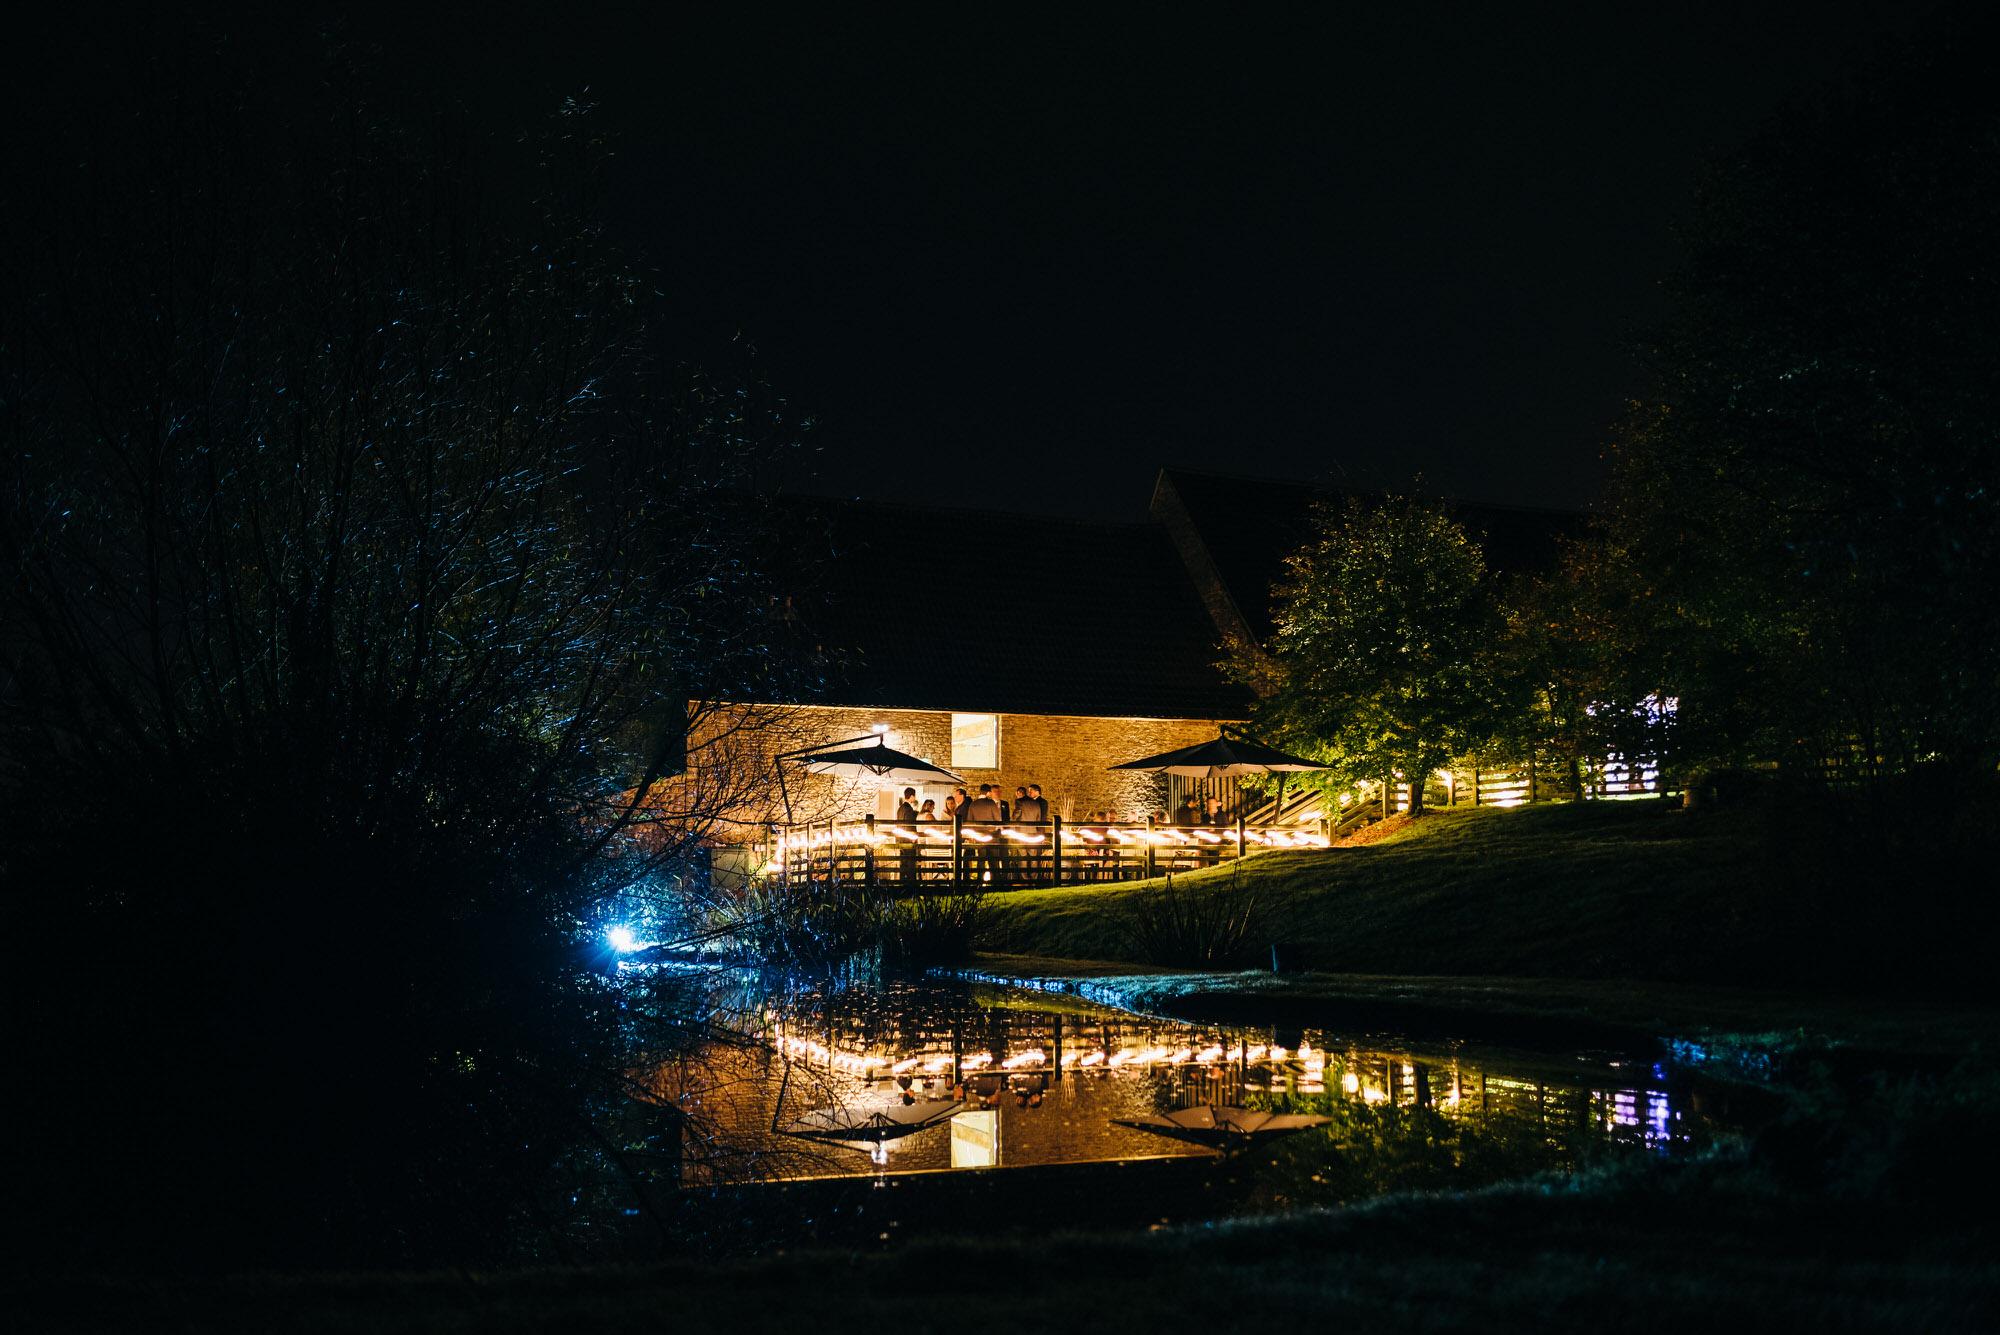 Wick farm at night